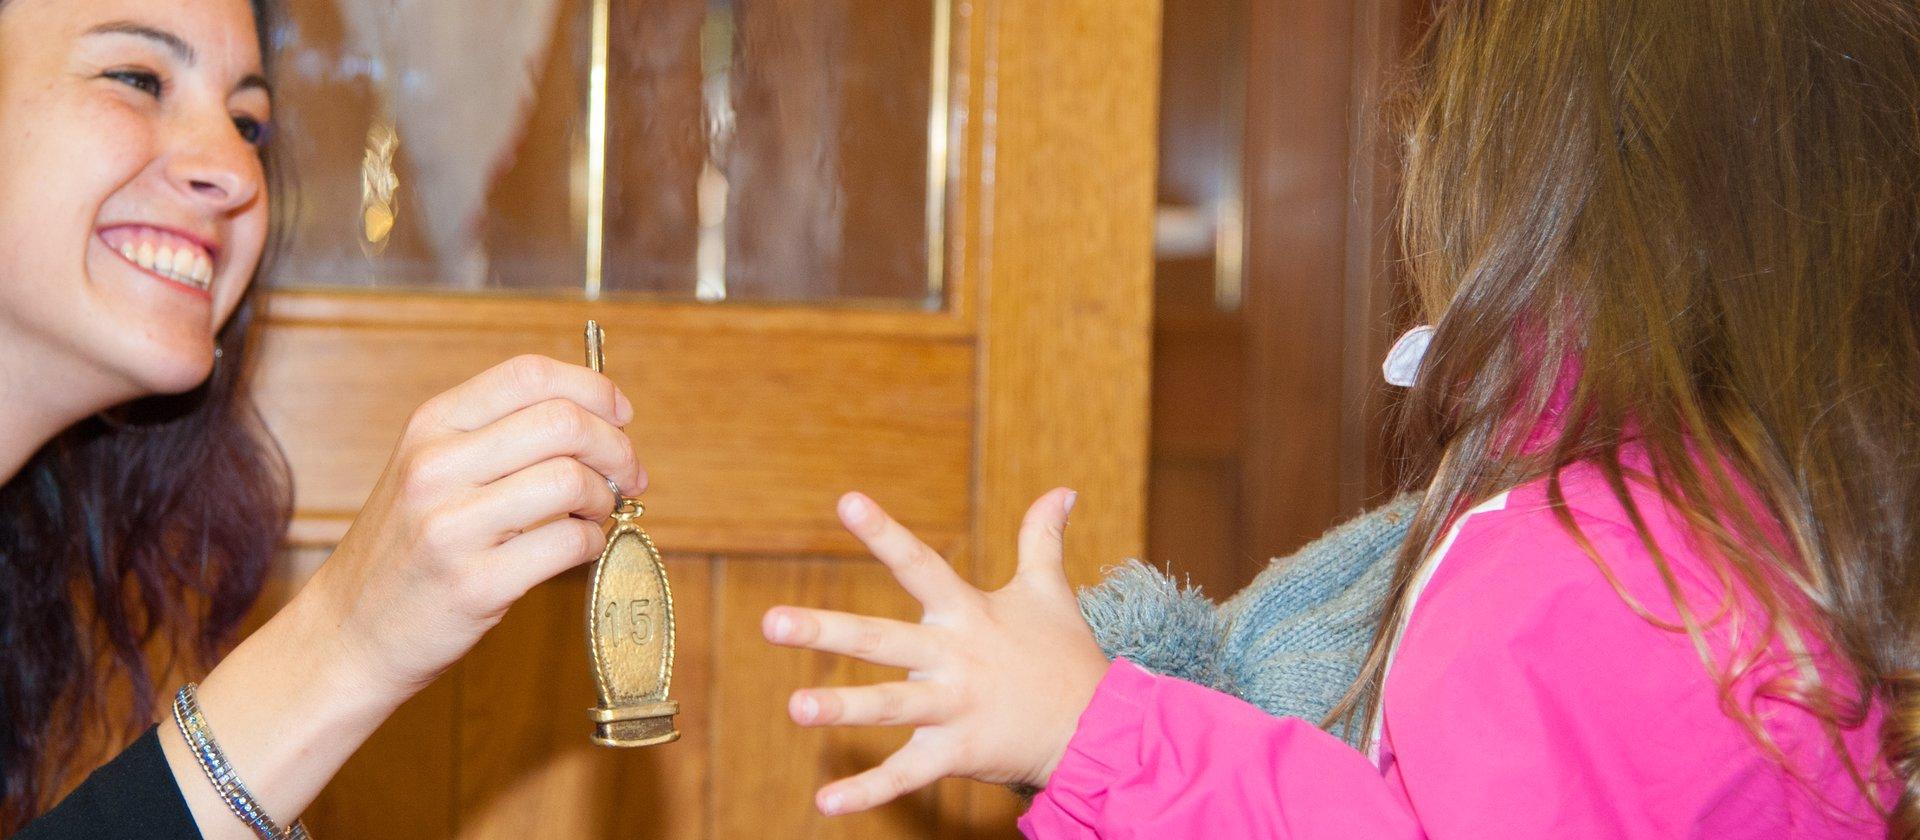 bambina chiave rifugio verenetta w